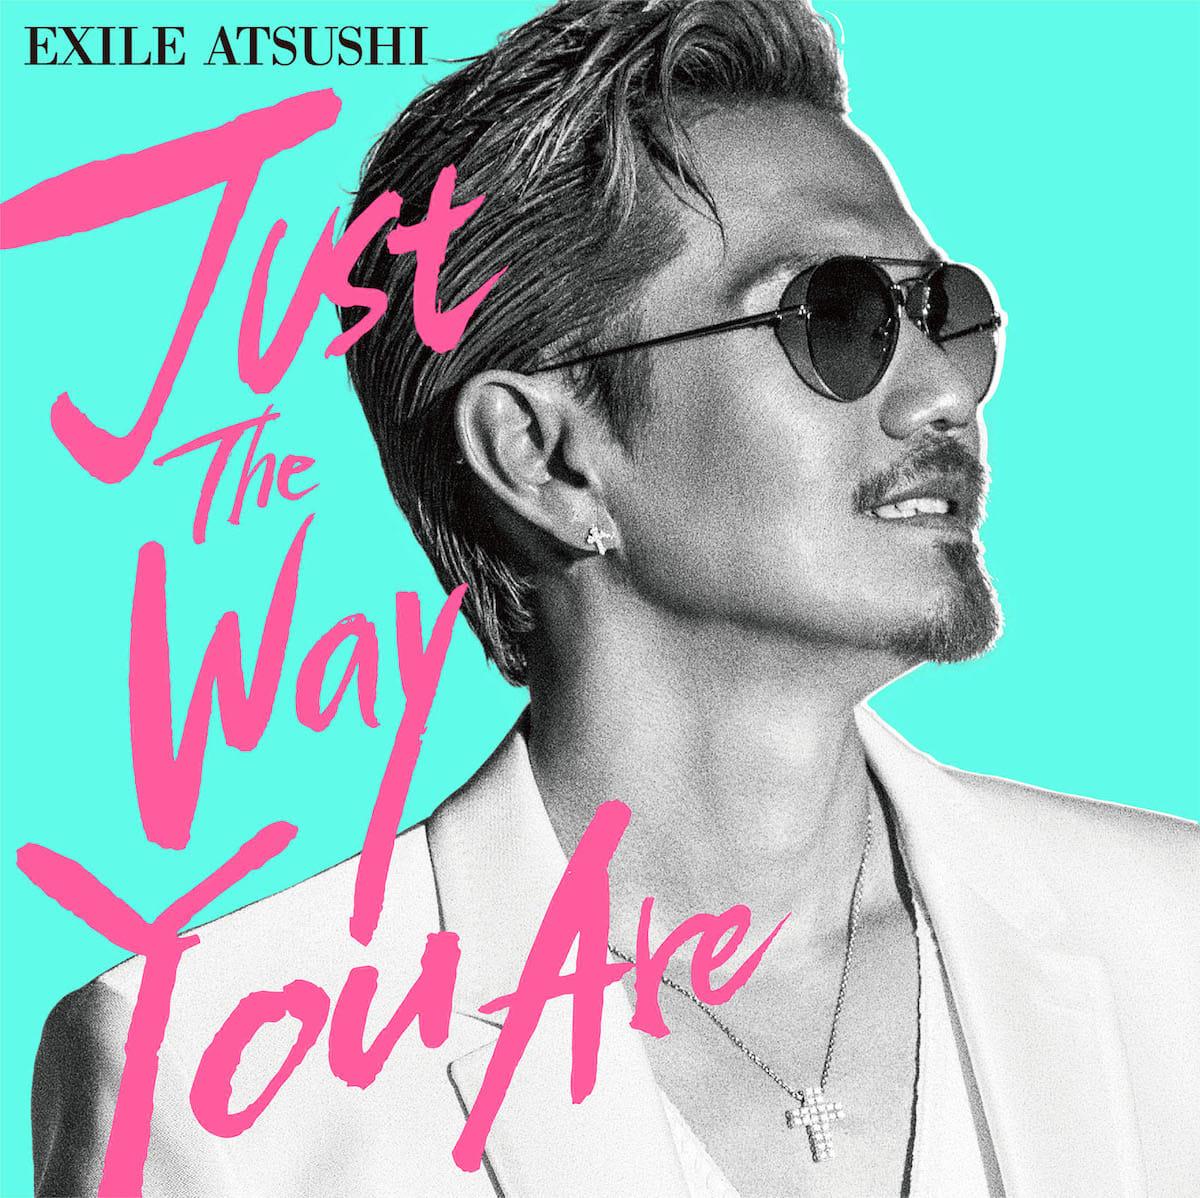 EXILE ATSUSHIがブルーノ・マーズと再会!「カバーを快諾してくれたことに改めて感謝」 music180417_exile-atsushi-brunomars_2-1200x1198